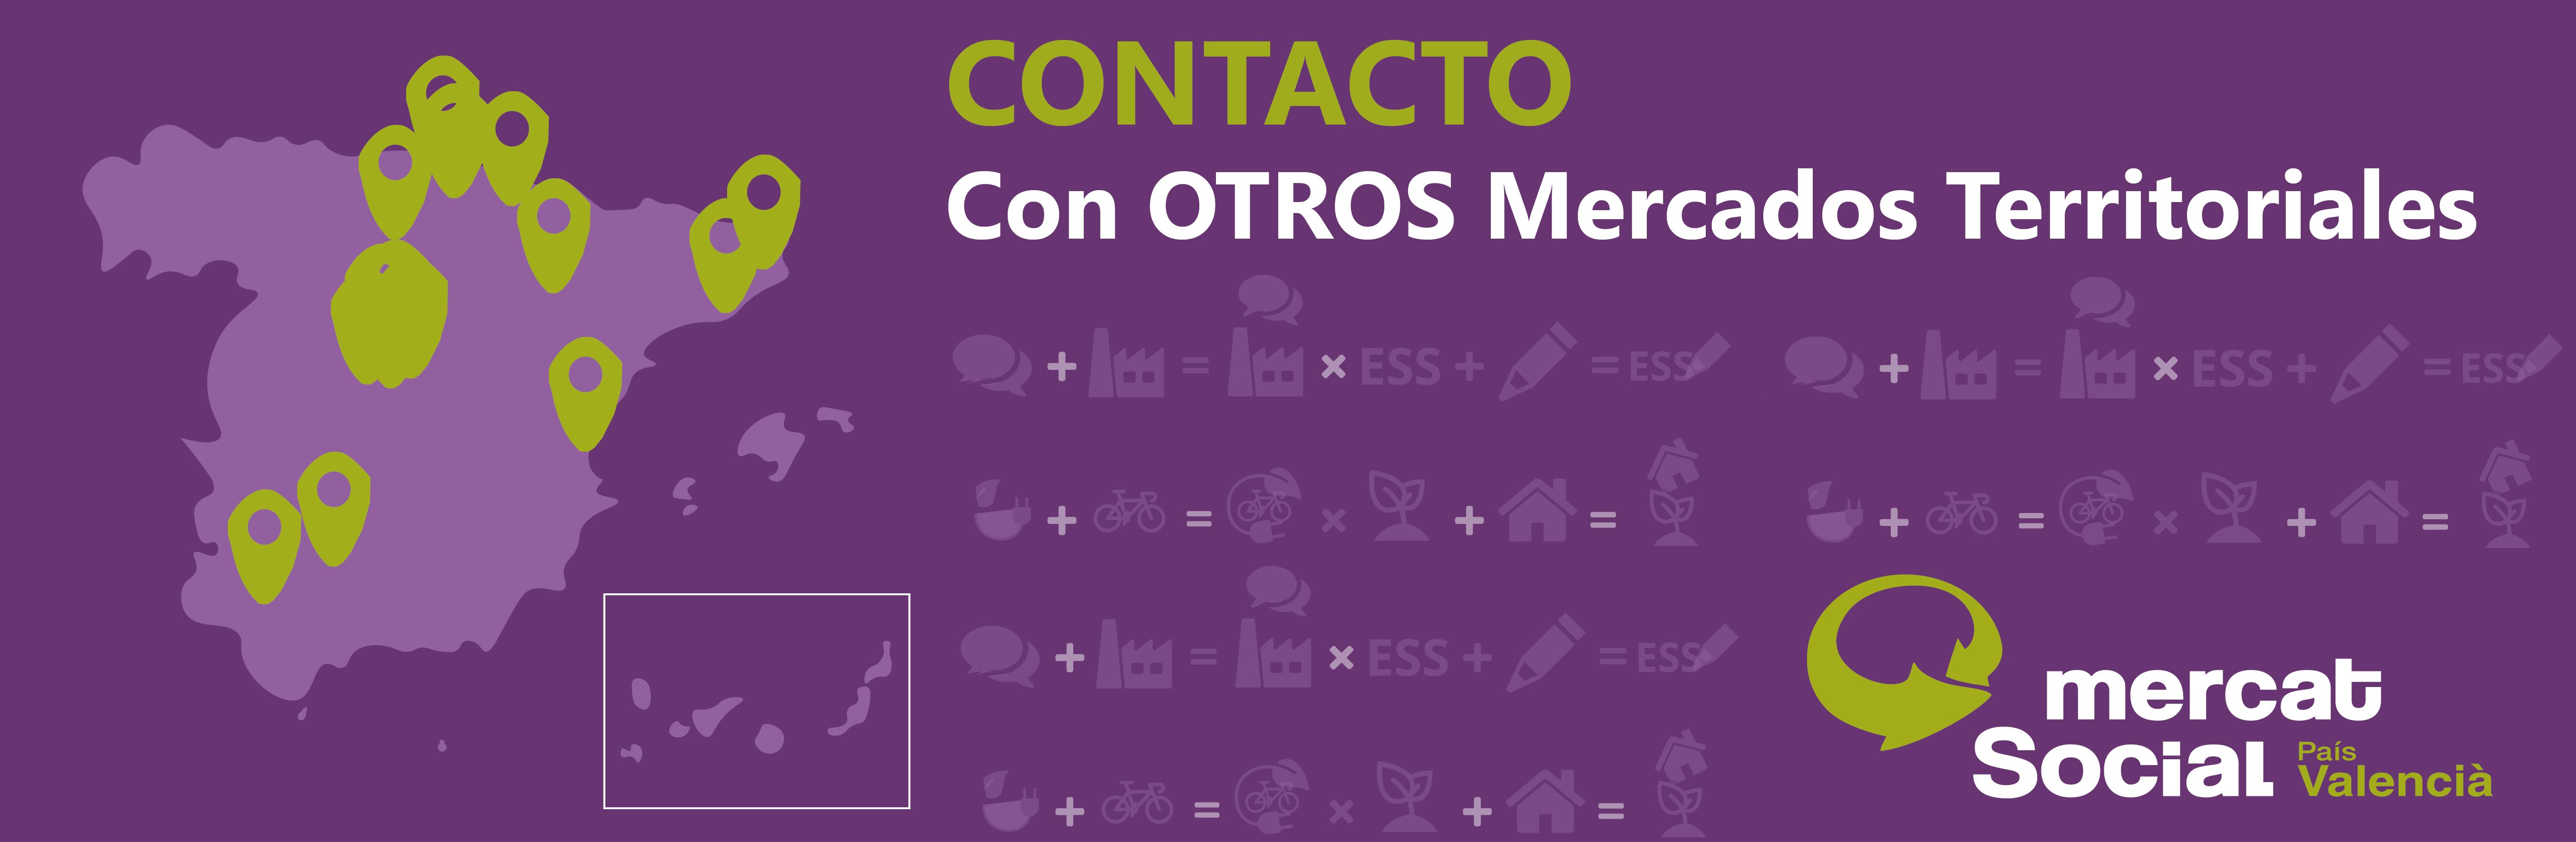 Banner del contacto con otros mercados territoriales